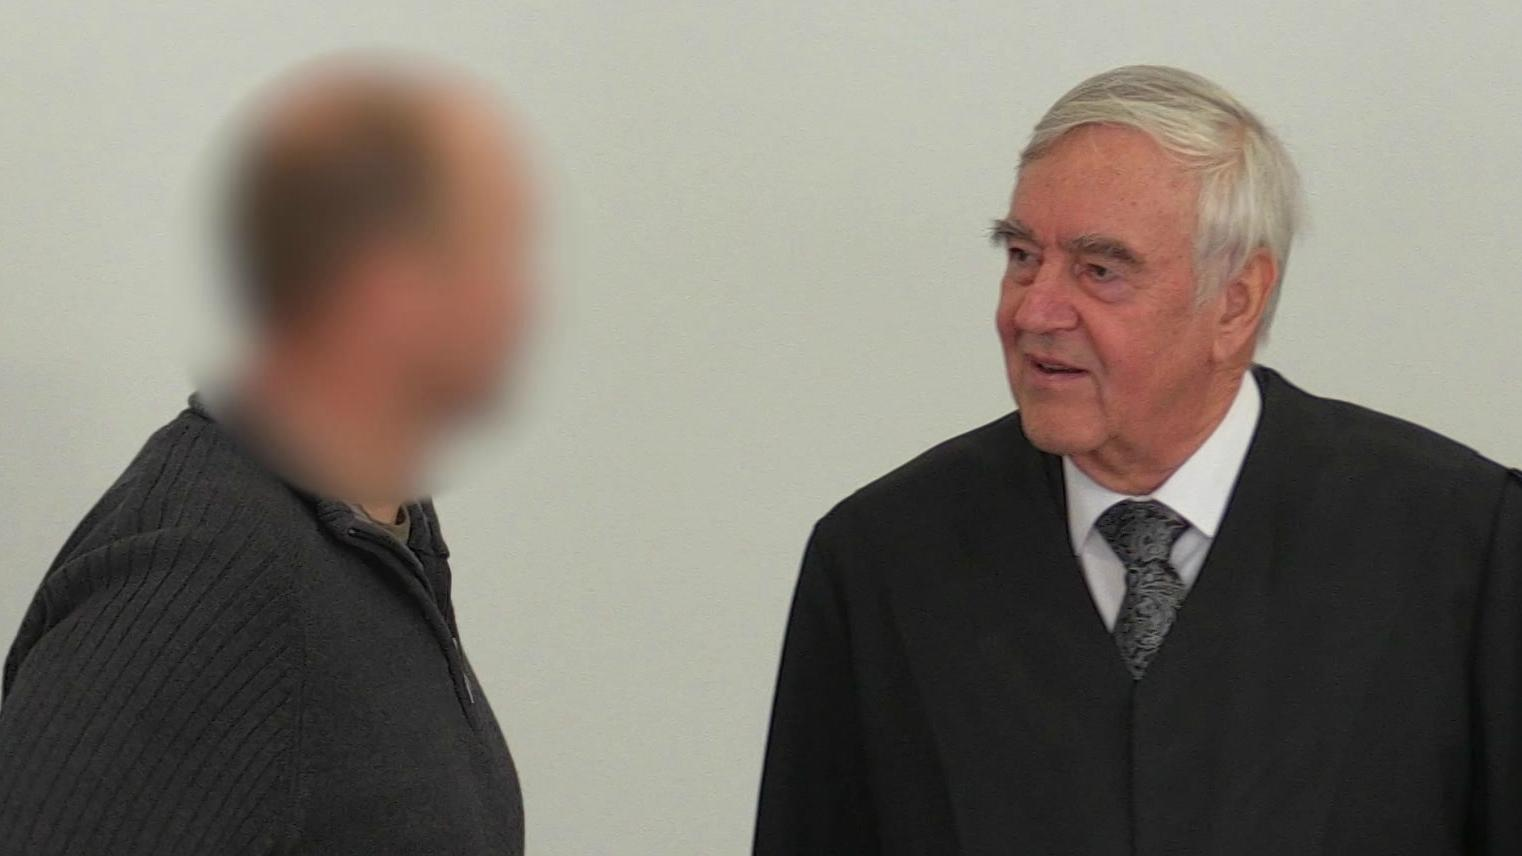 Prozess in Ansbach wegen des Verstoßes gegen das Kriegswaffenkontrollgesetz.